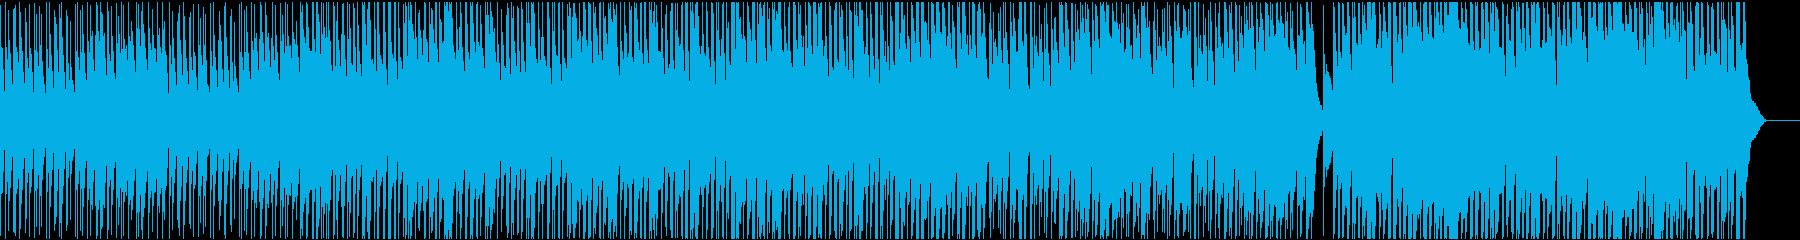 企業PR_ウクレレ_口笛_Fullの再生済みの波形